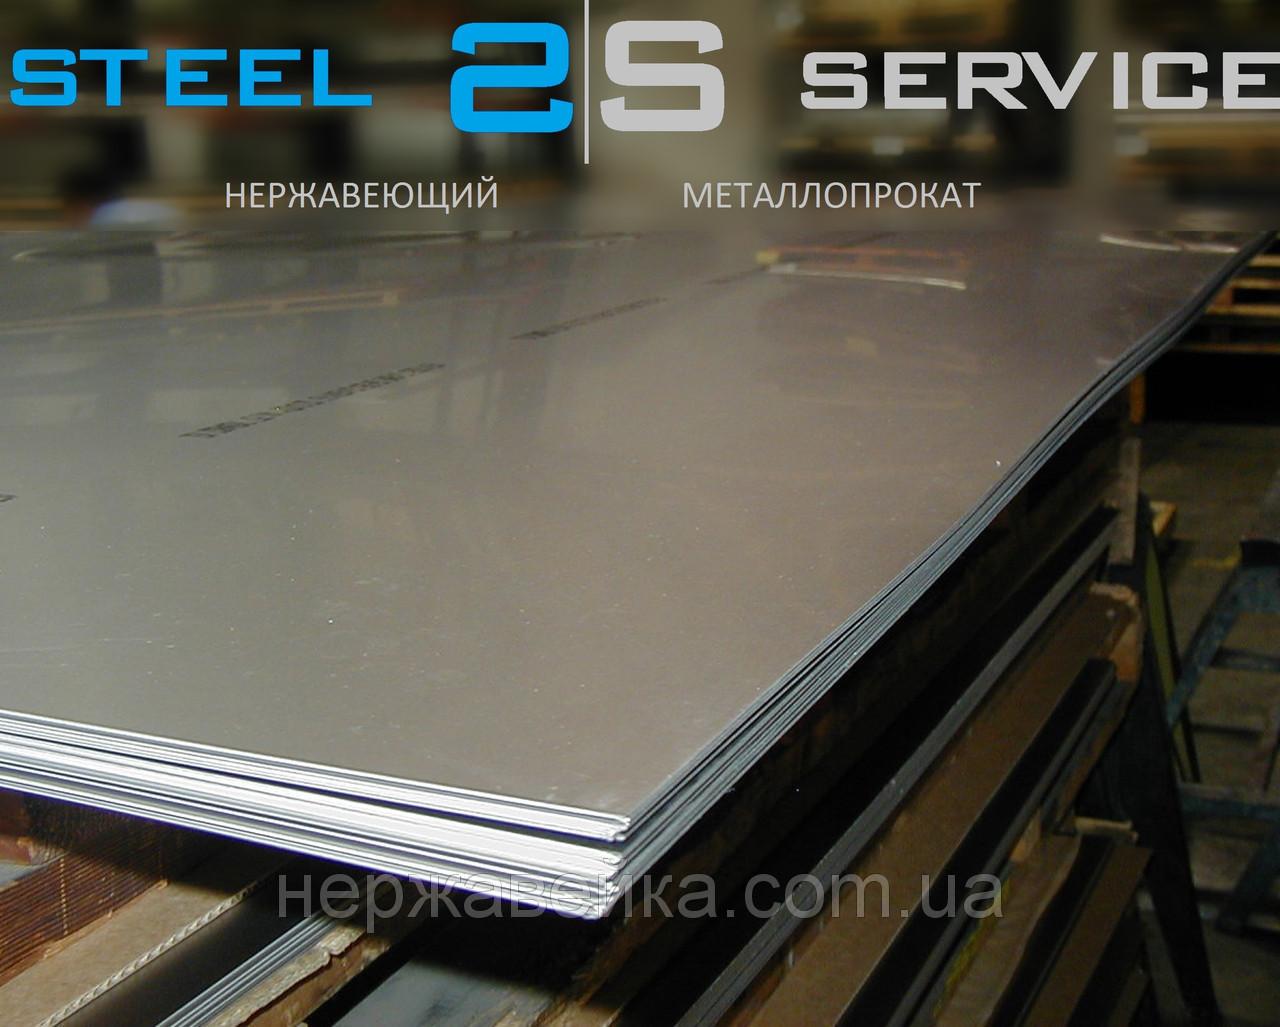 Нержавеющий лист 3х1500х6000мм AISI 410S(08Х13) F1 - горячекатанный, технический